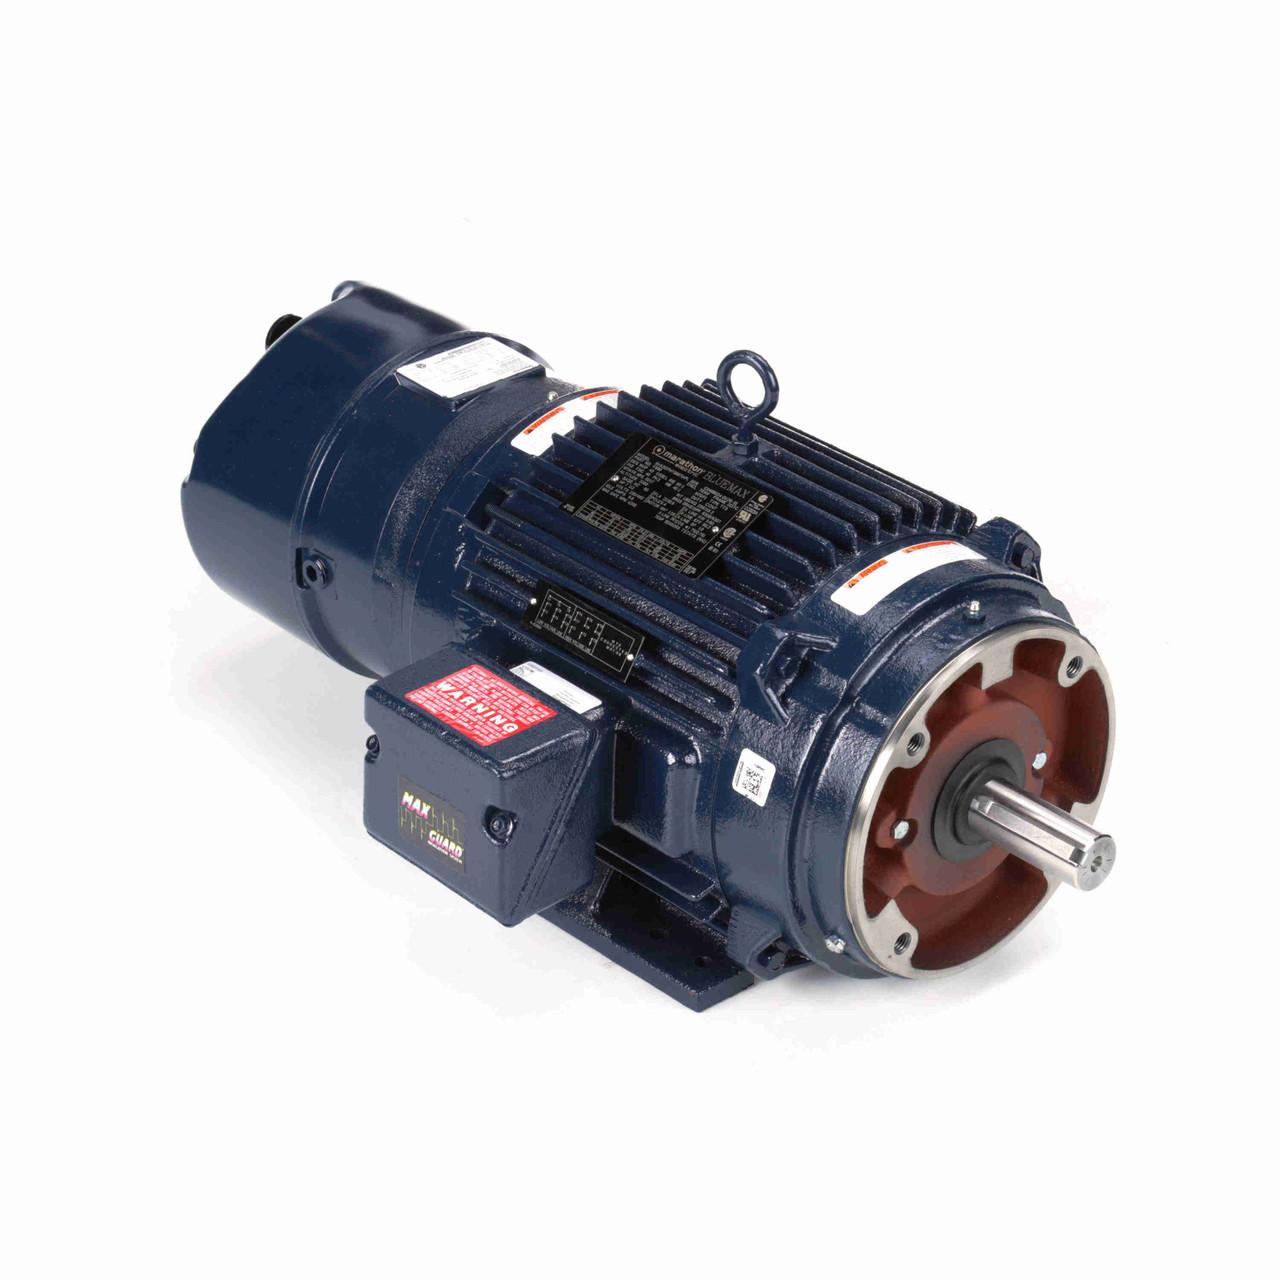 Y990 2000:1 Constant Torque Brakemotors 7-1/2 HP